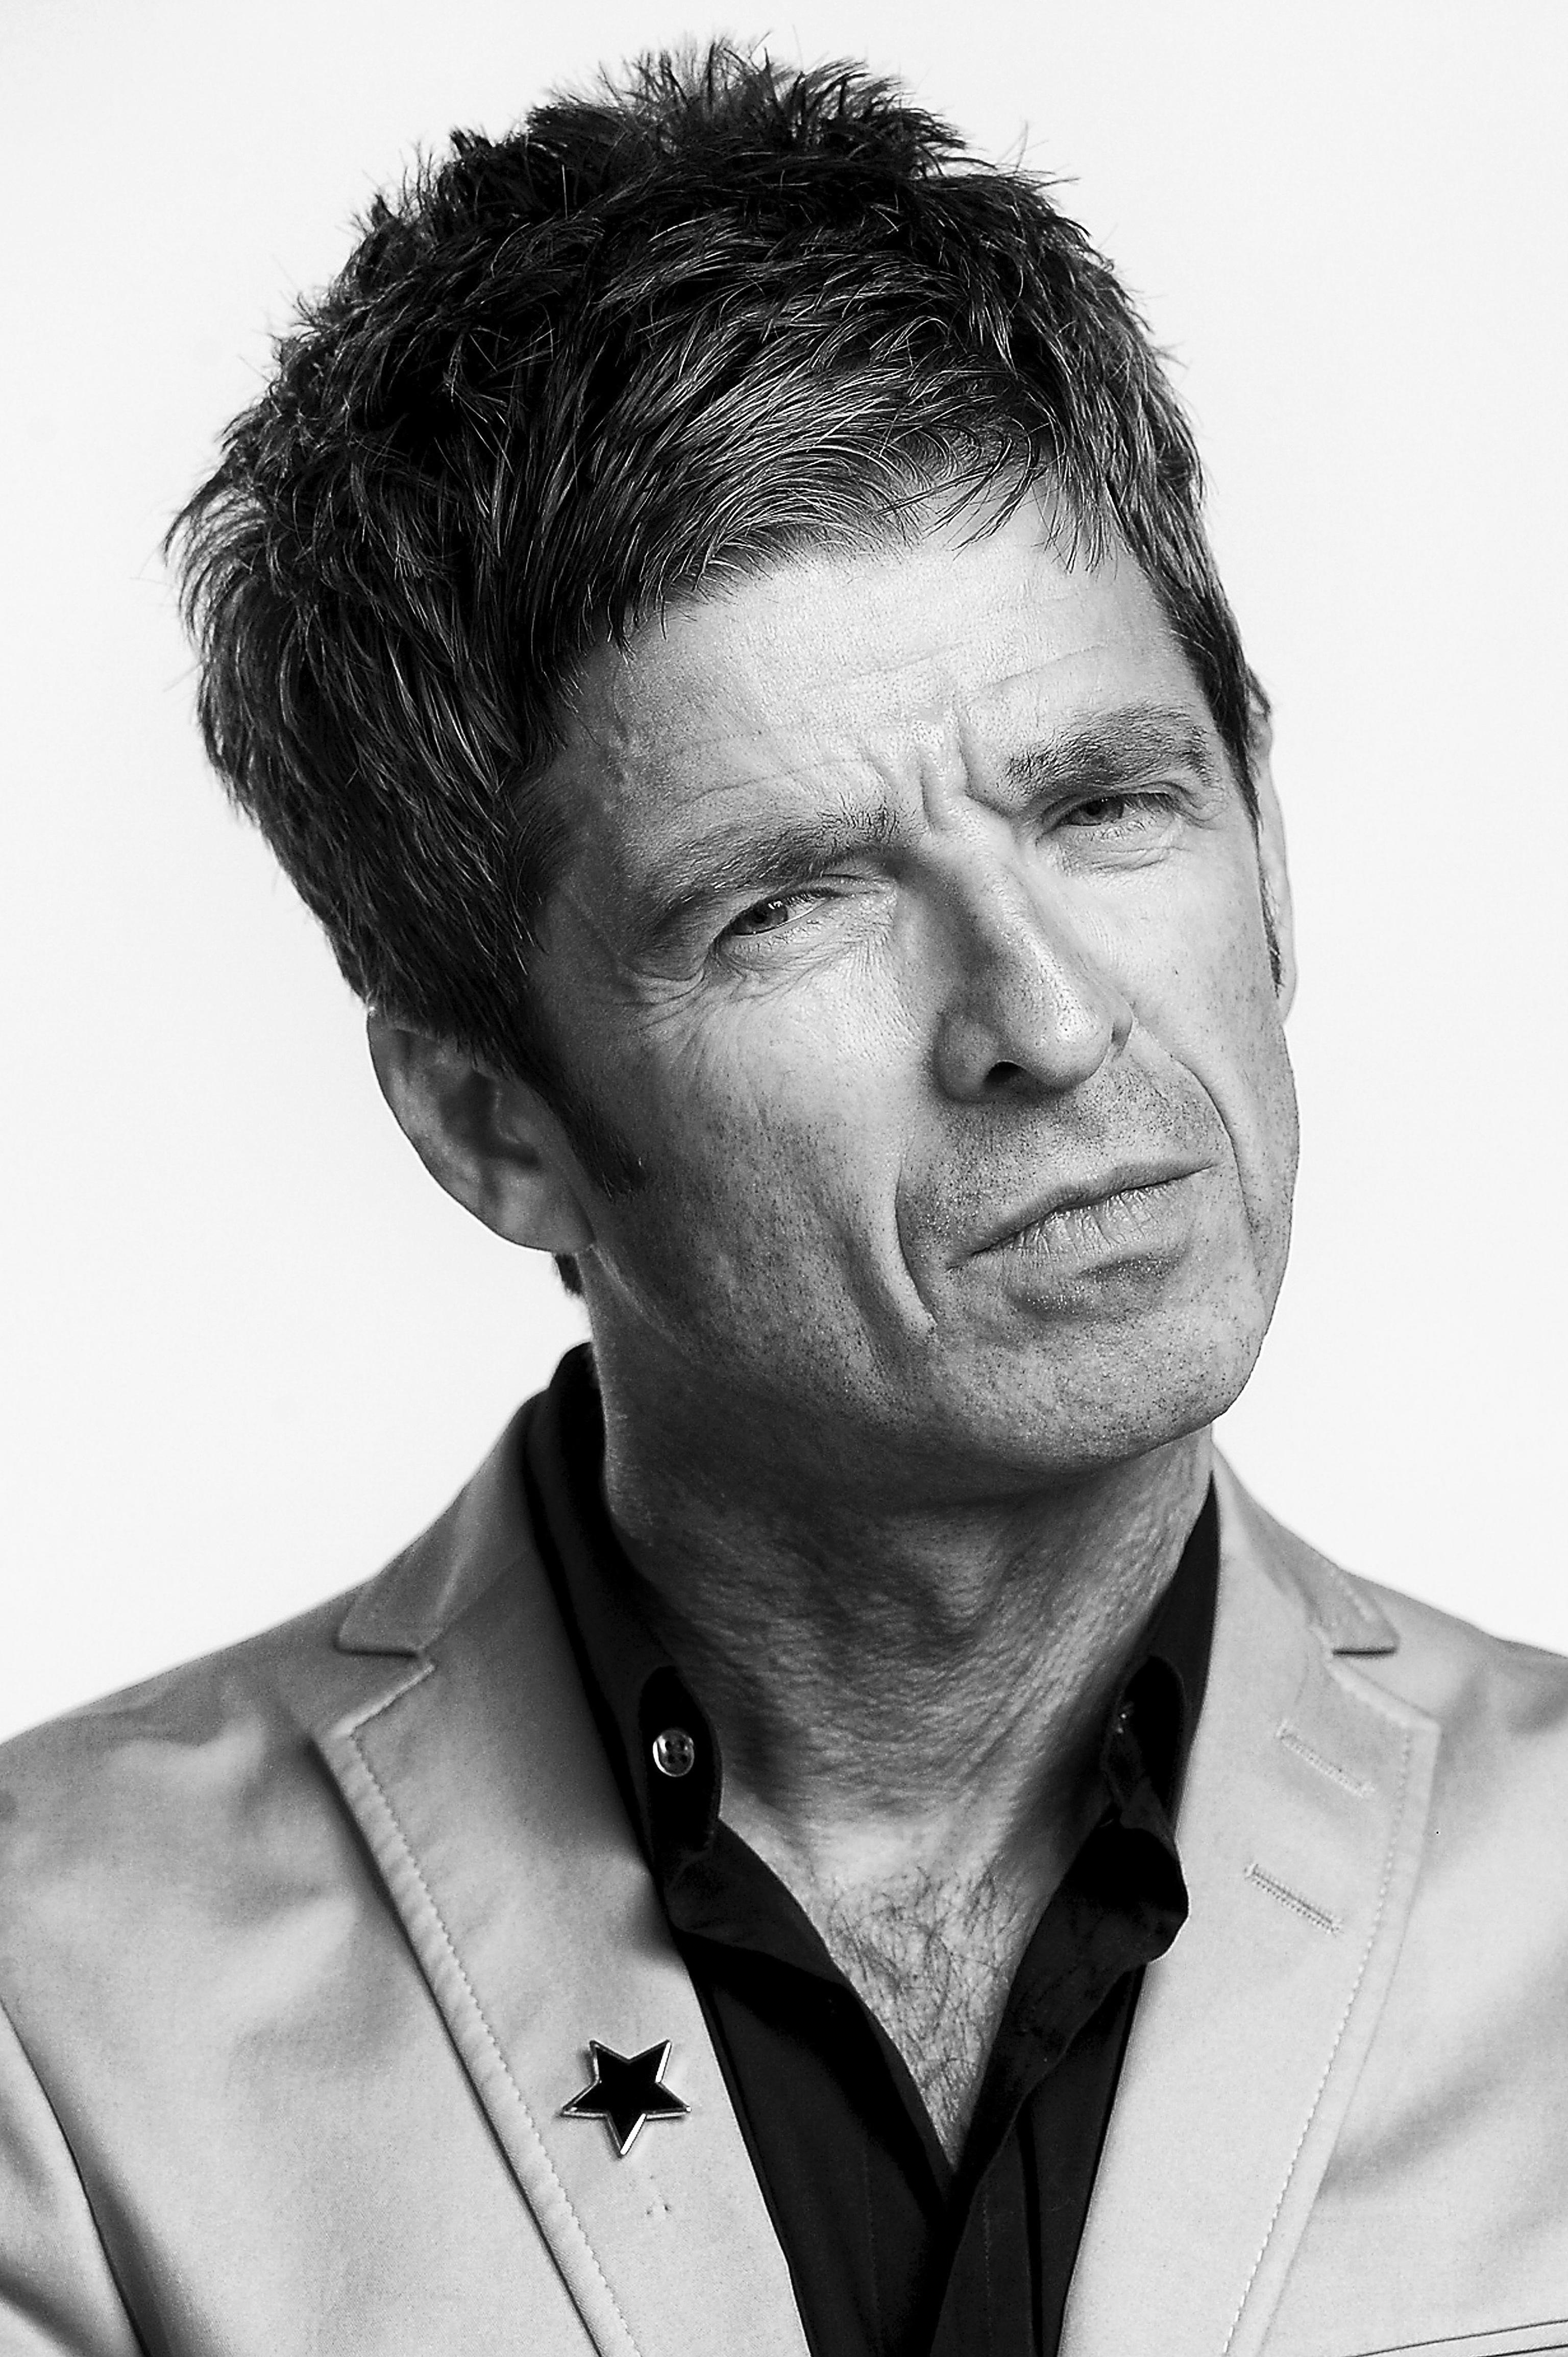 El músico Noel Gallagher.